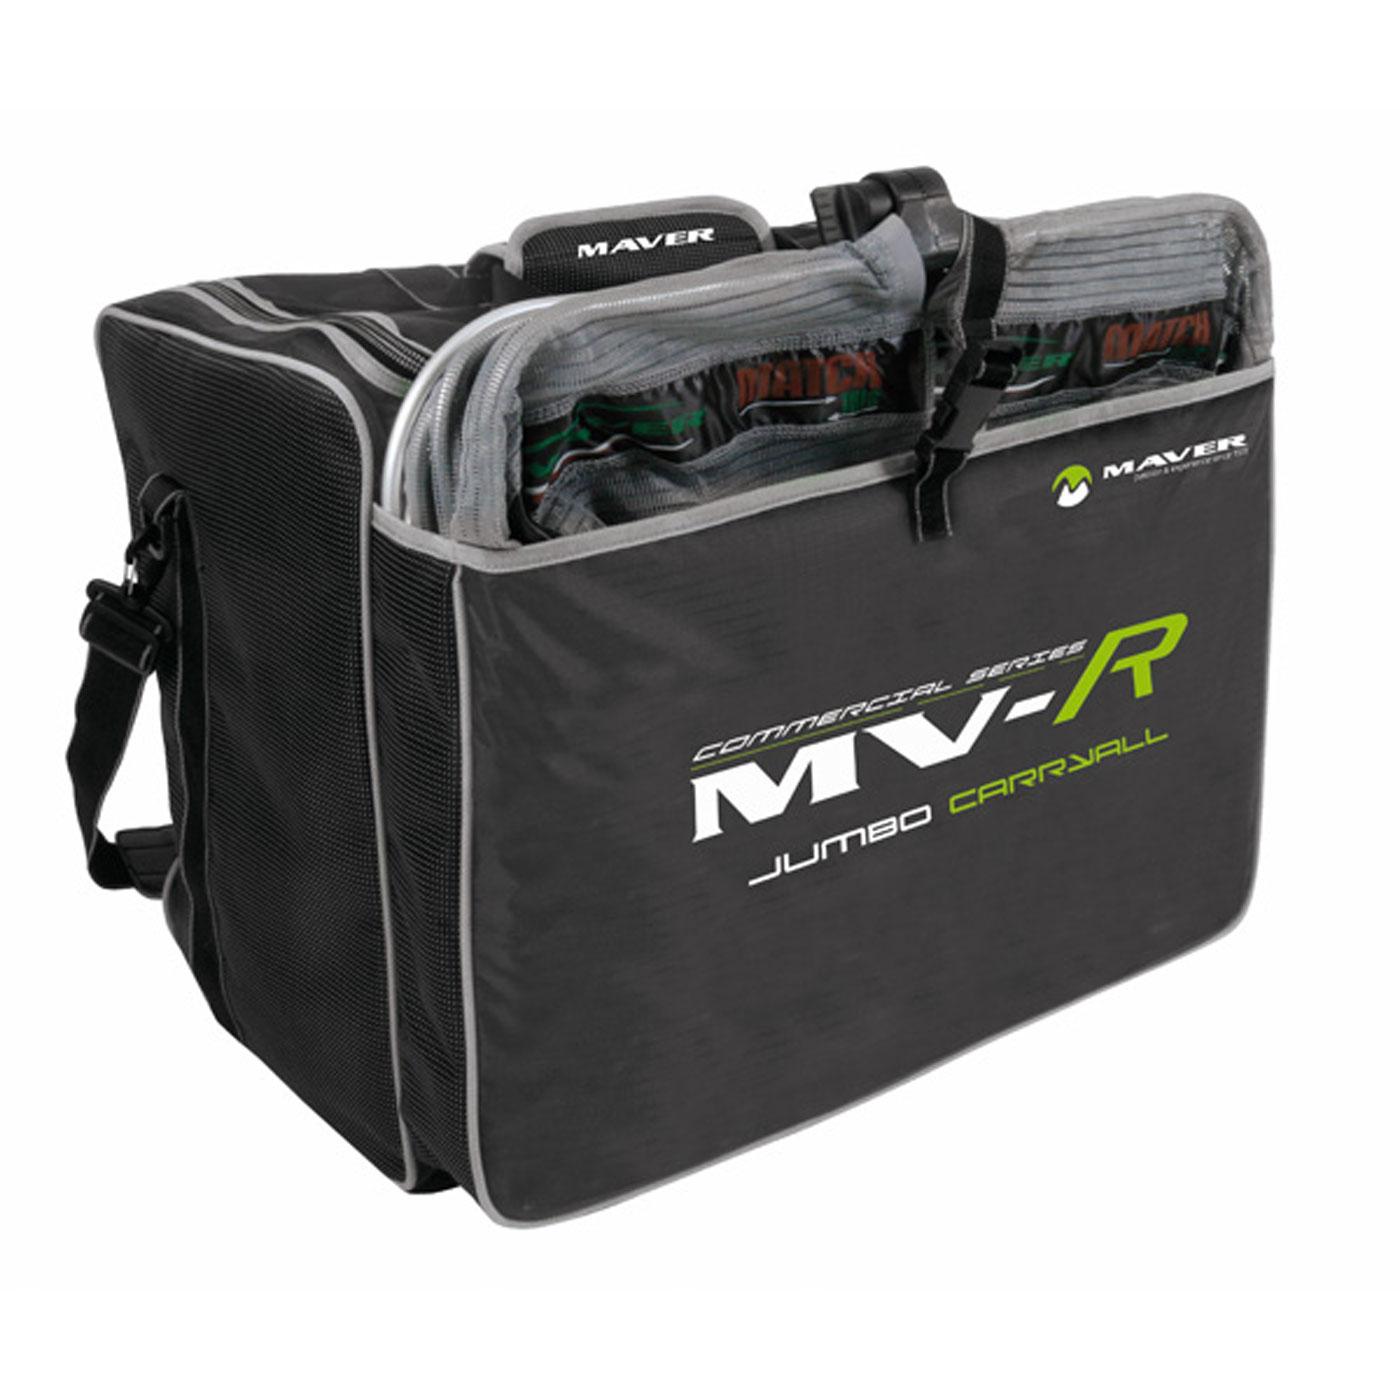 Maver MVR Jumbo Carryall